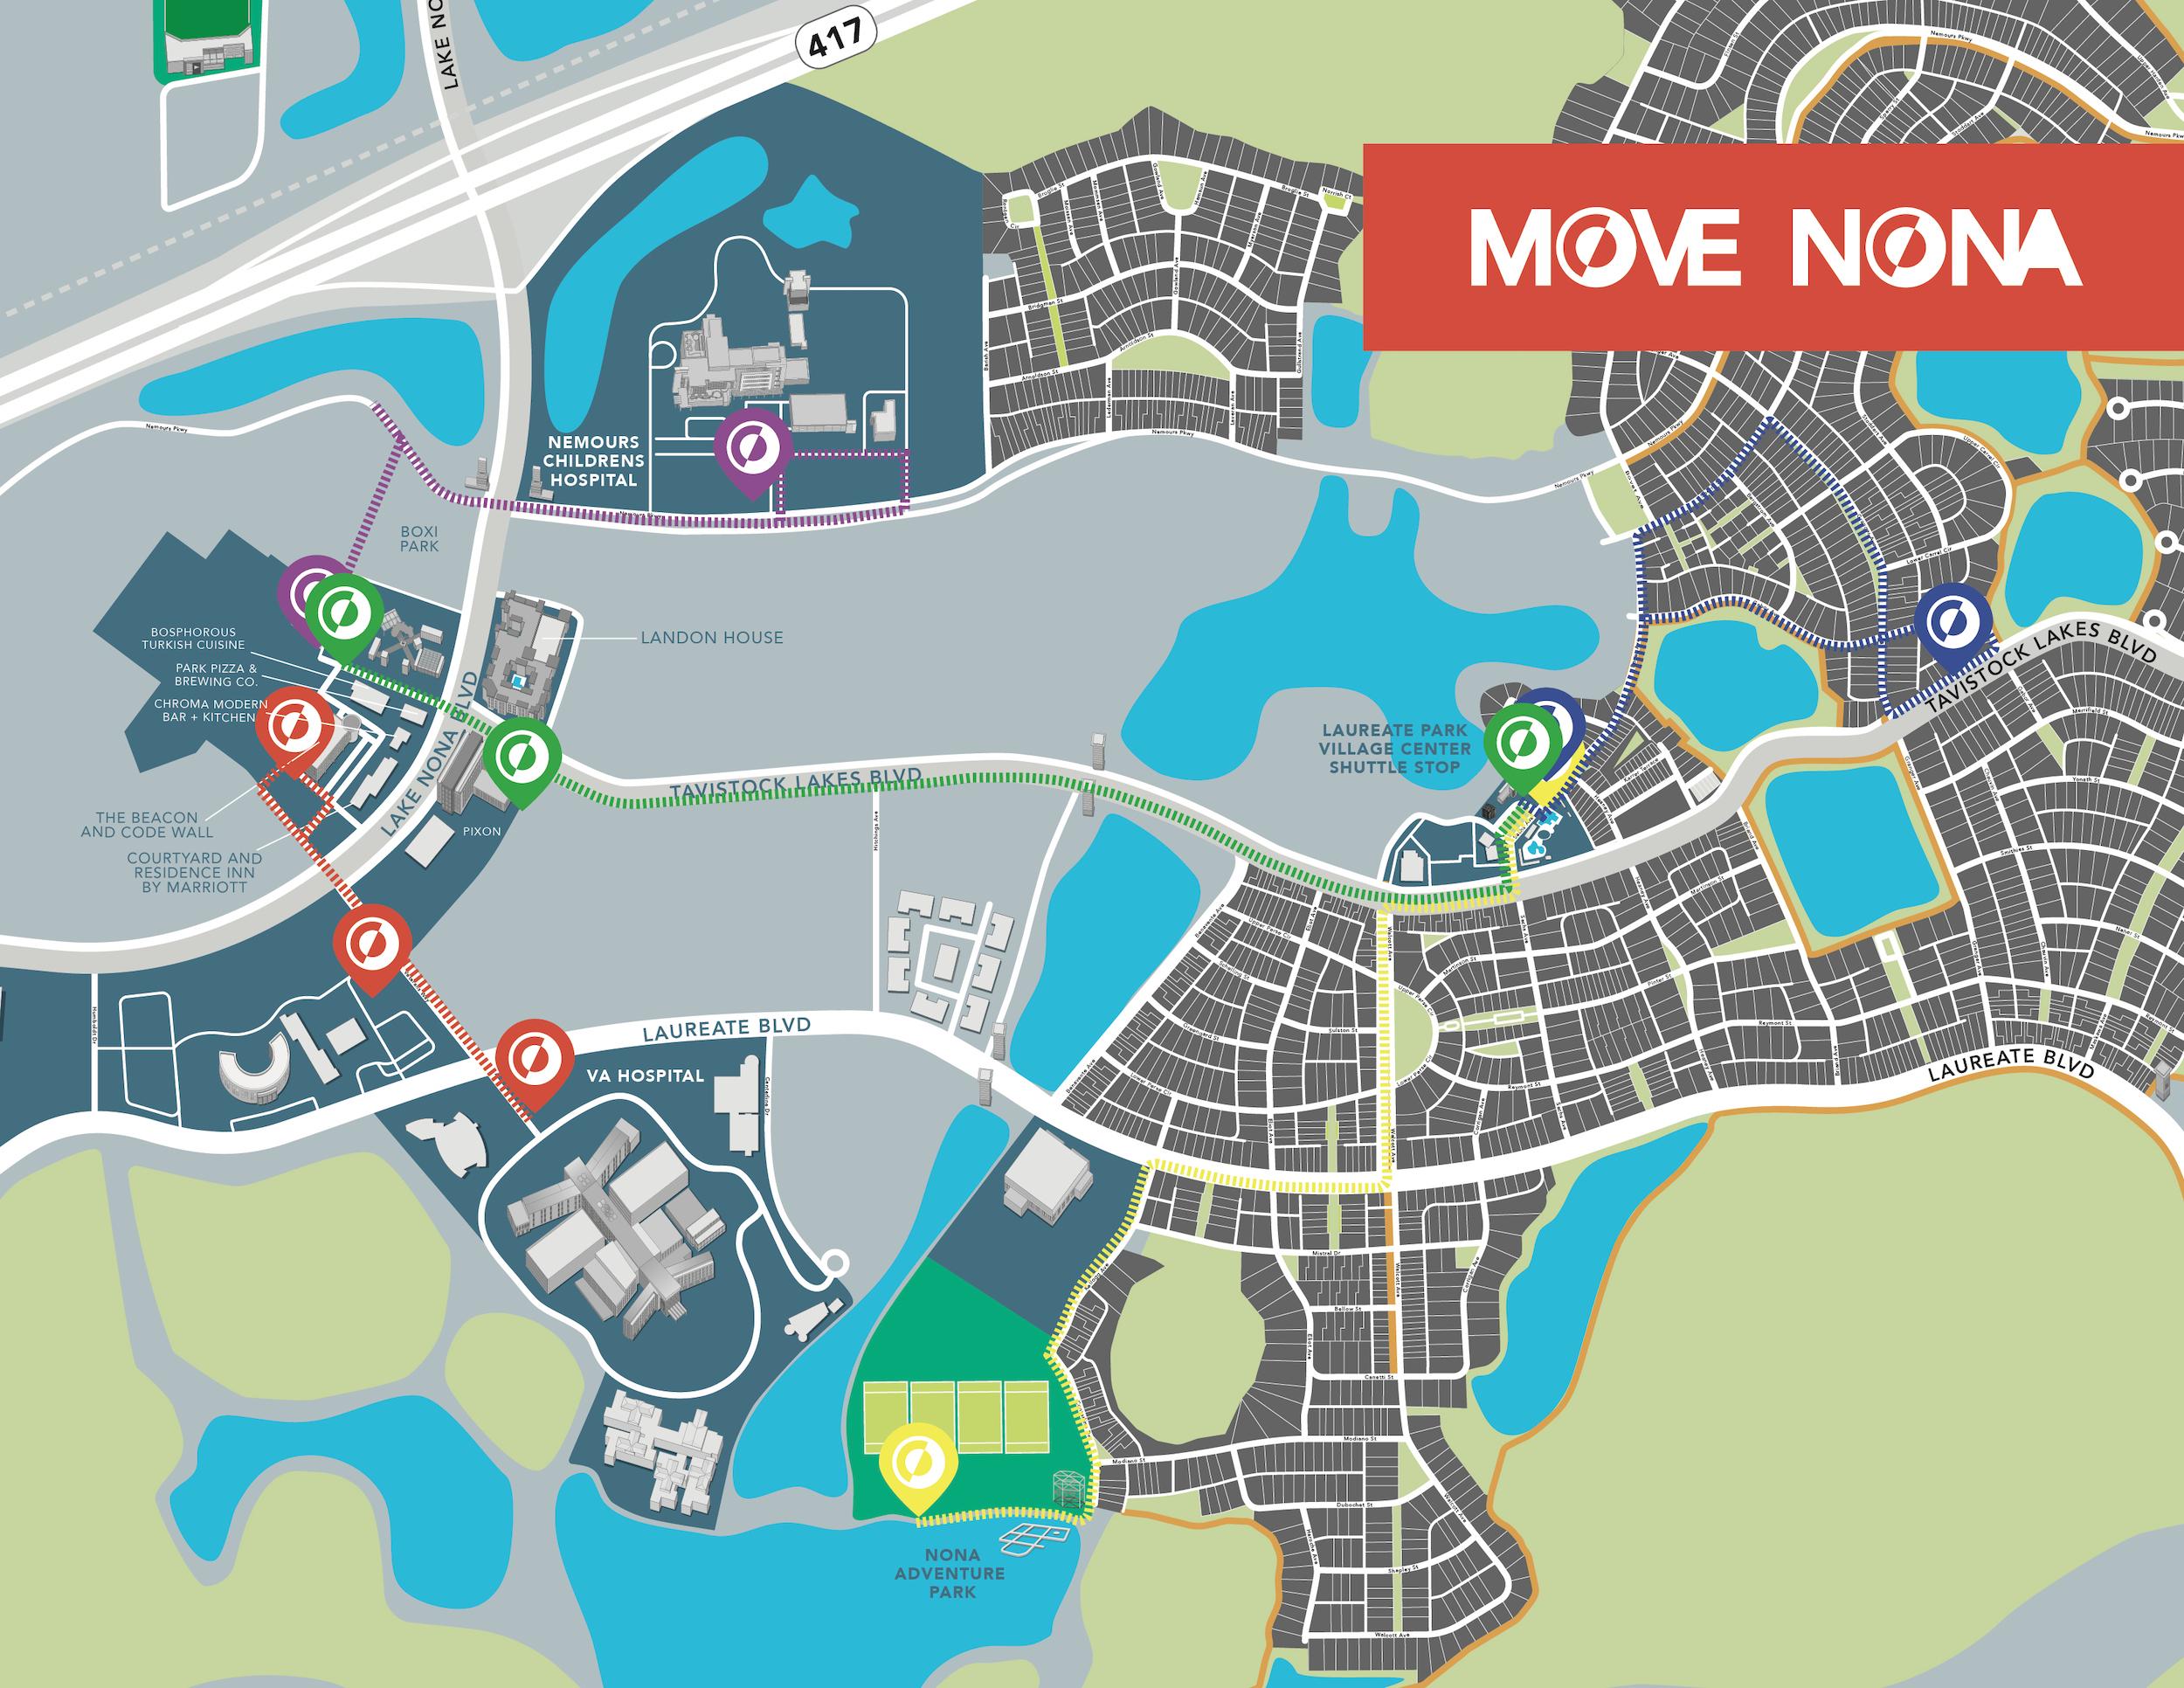 21_MoveNona_BrandedMap_v2_print-01 05162021